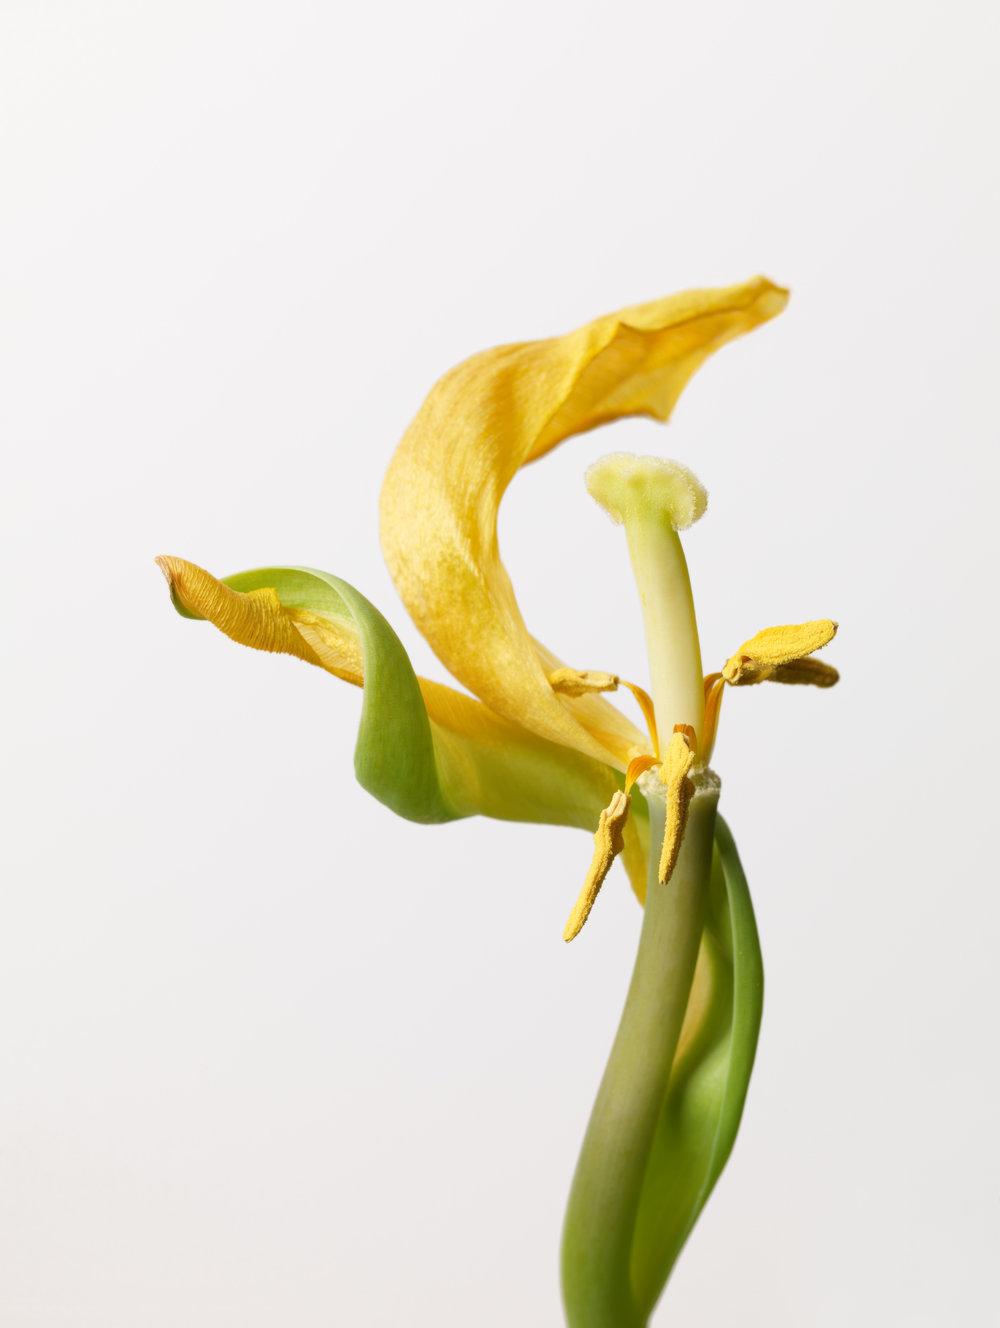 Yellow Tulip #9